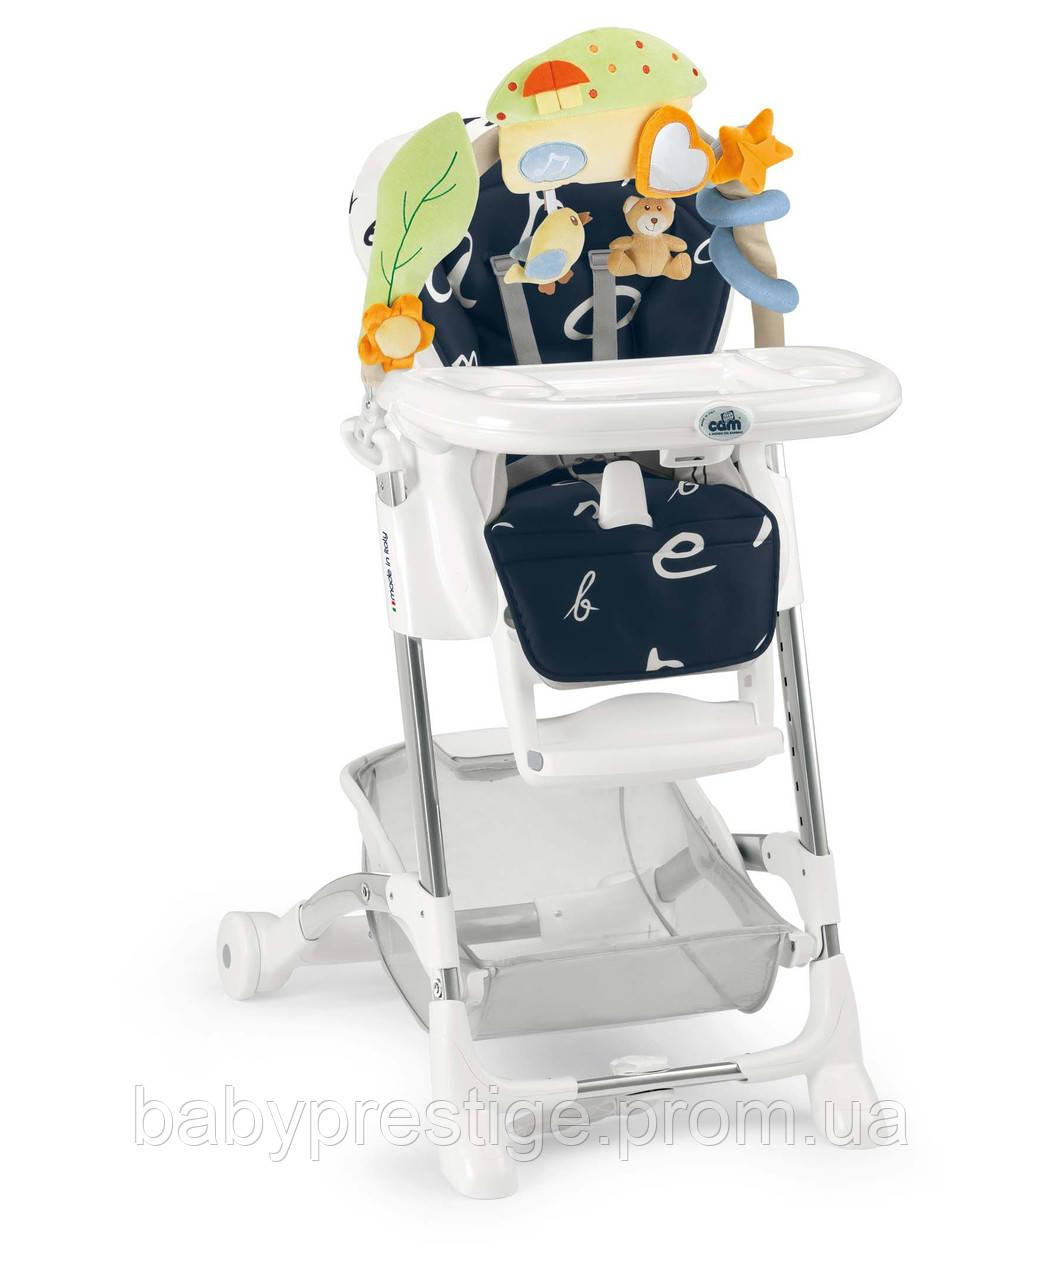 CAM Istante - стульчик для кормления, цвет 223